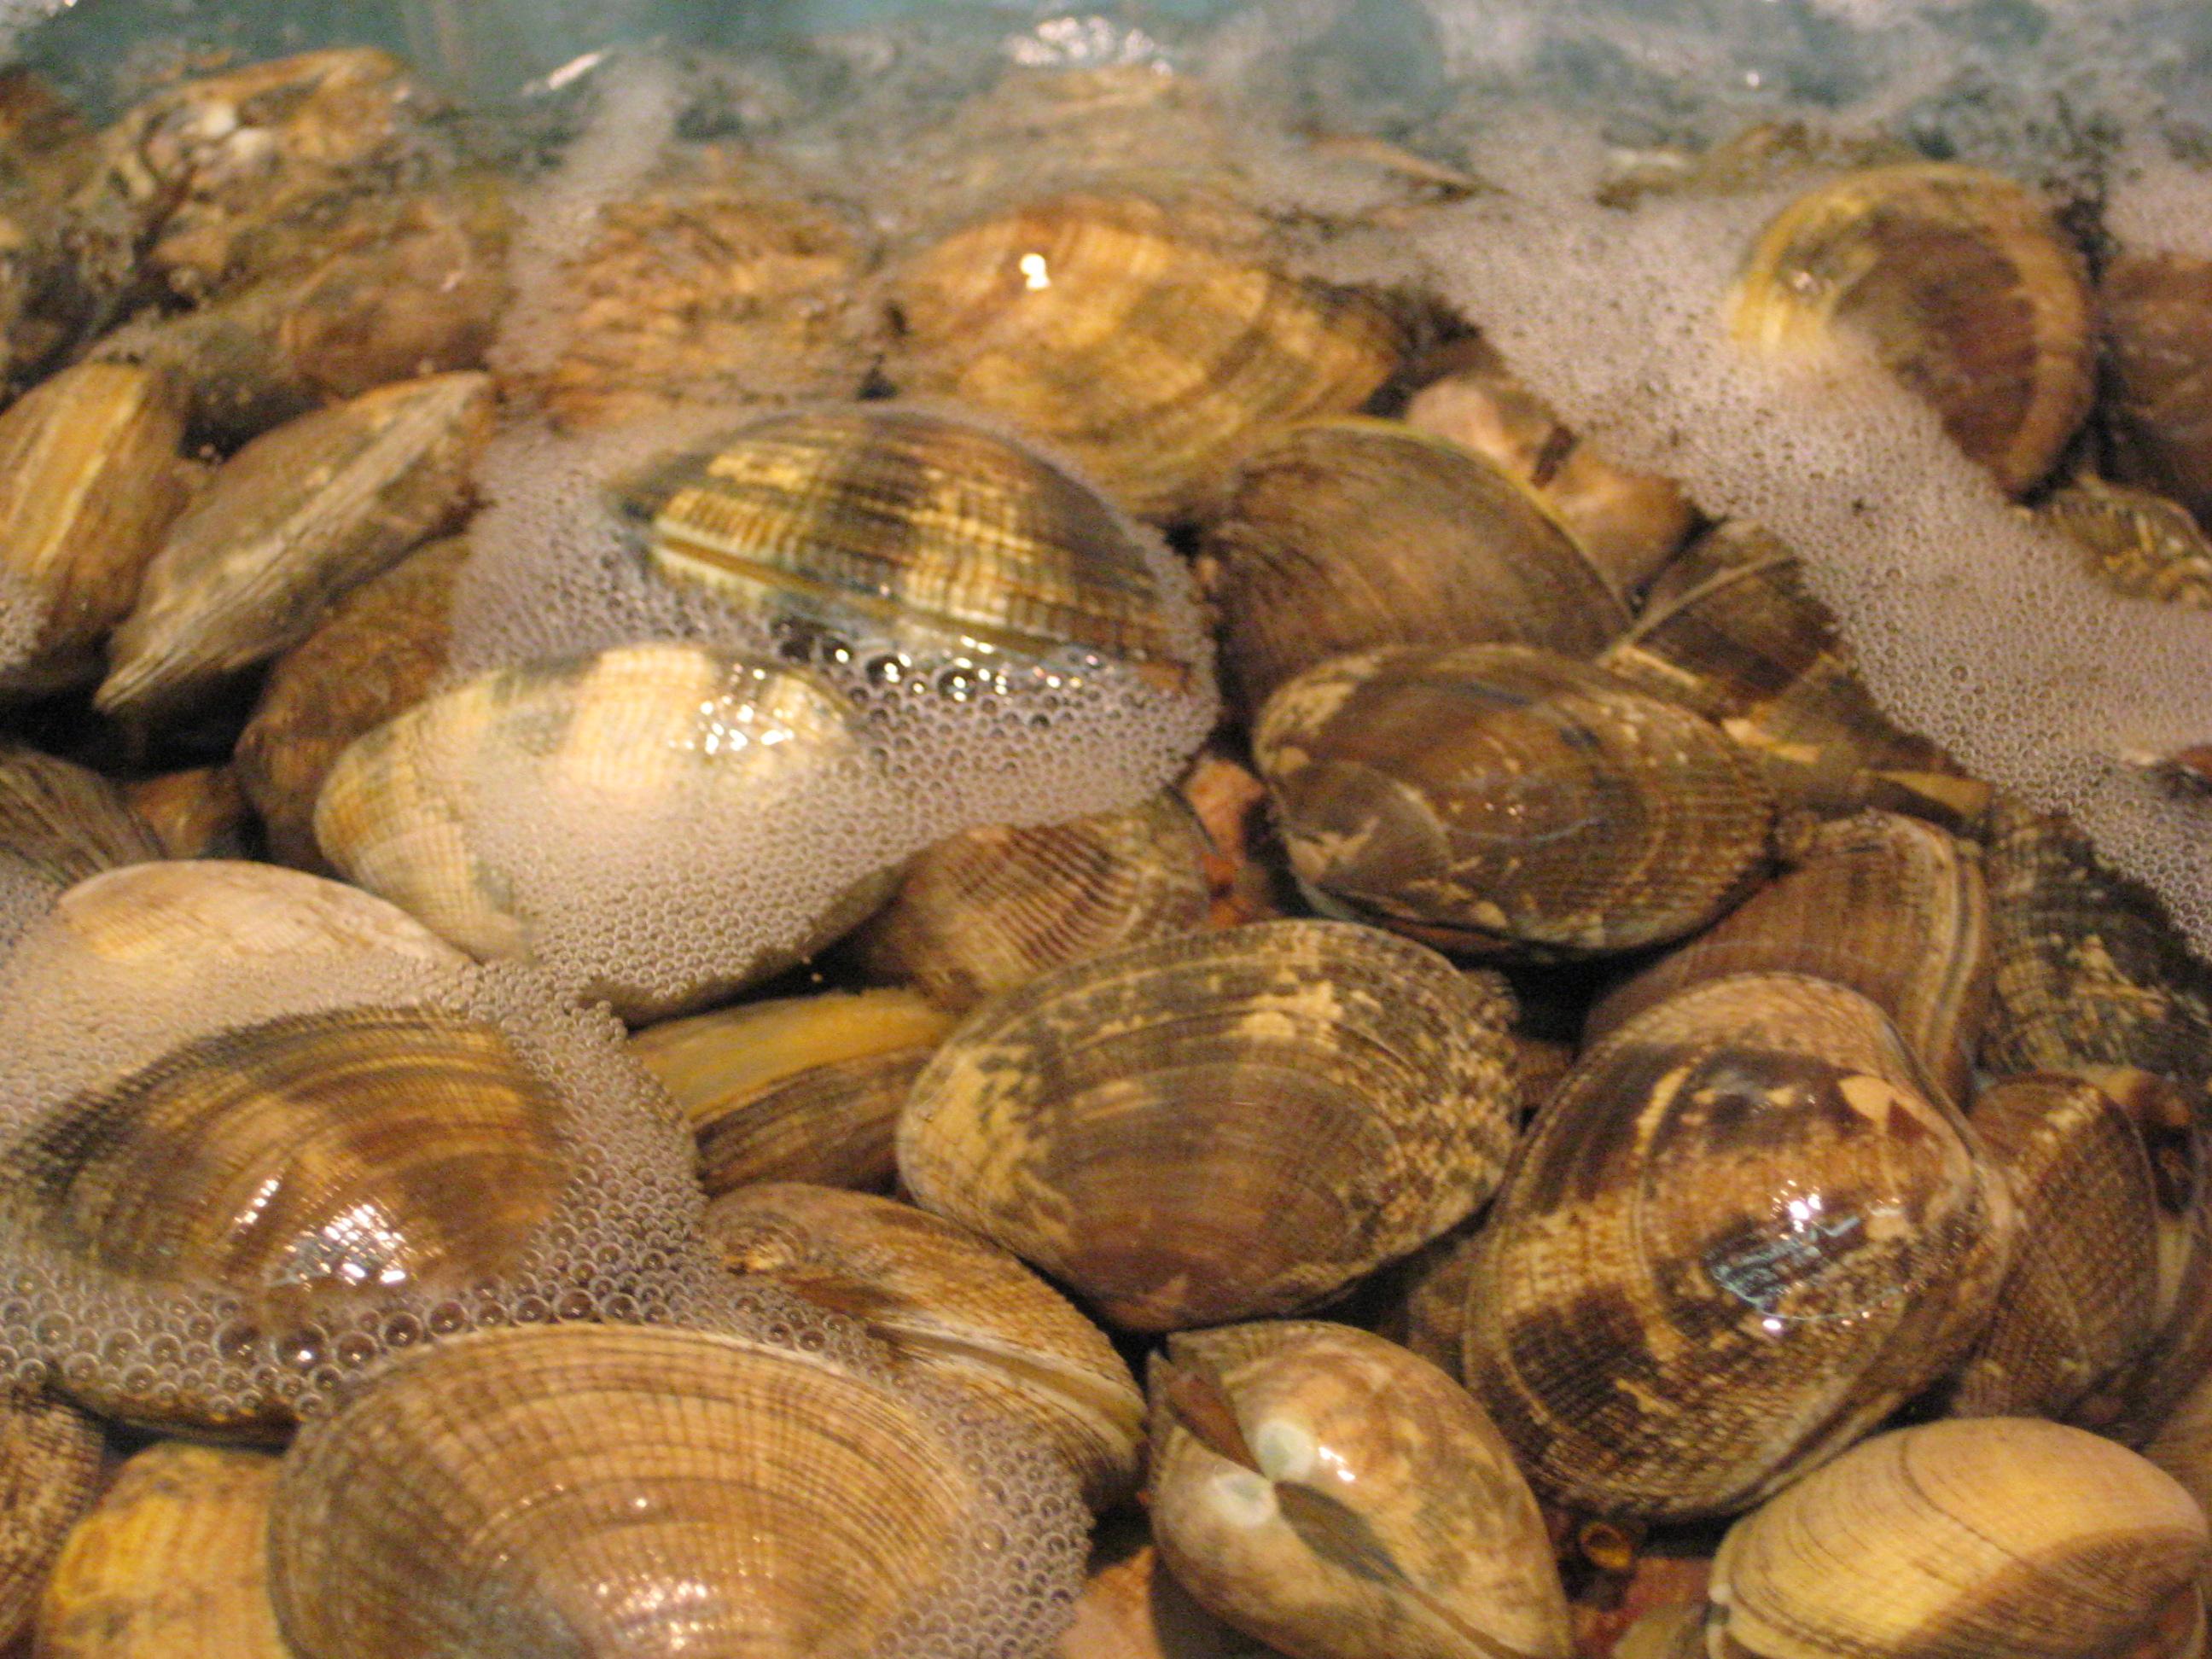 clam wikipedia